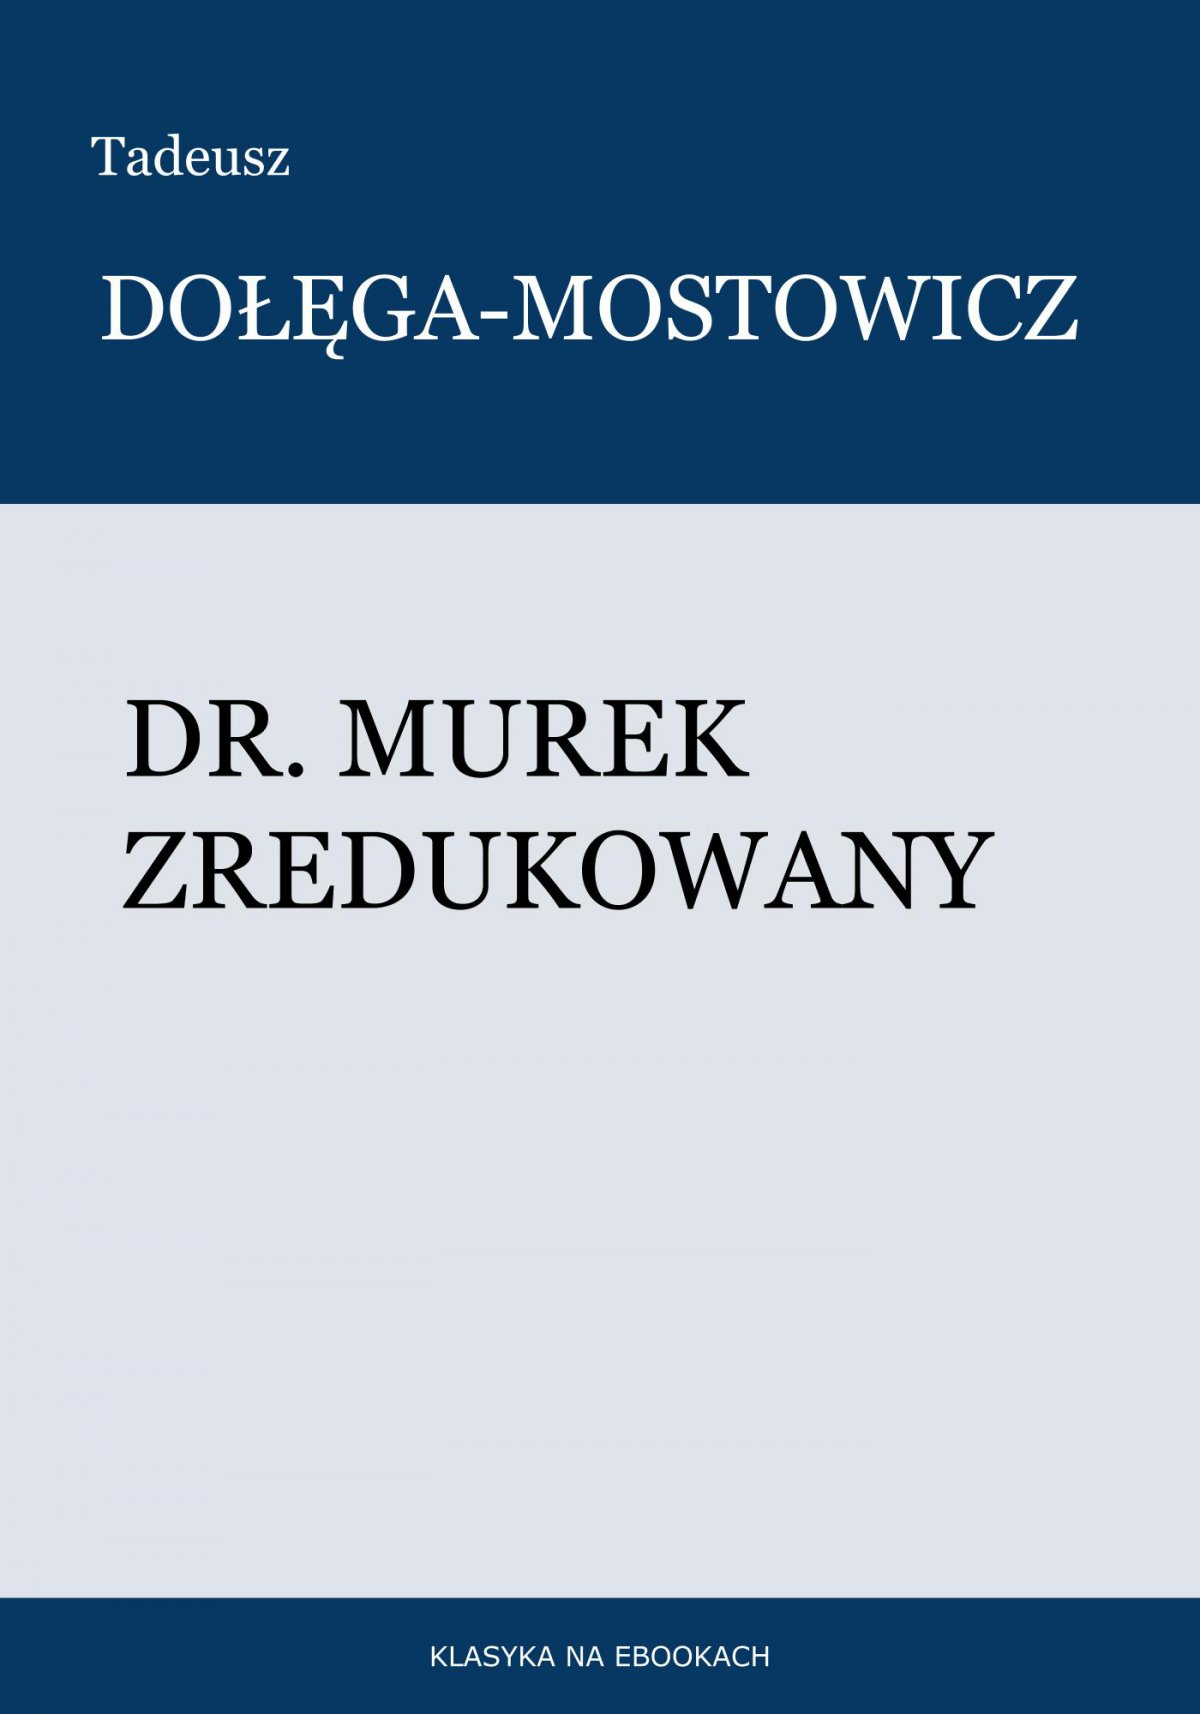 Dr. Murek zredukowany - Ebook (Książka EPUB) do pobrania w formacie EPUB